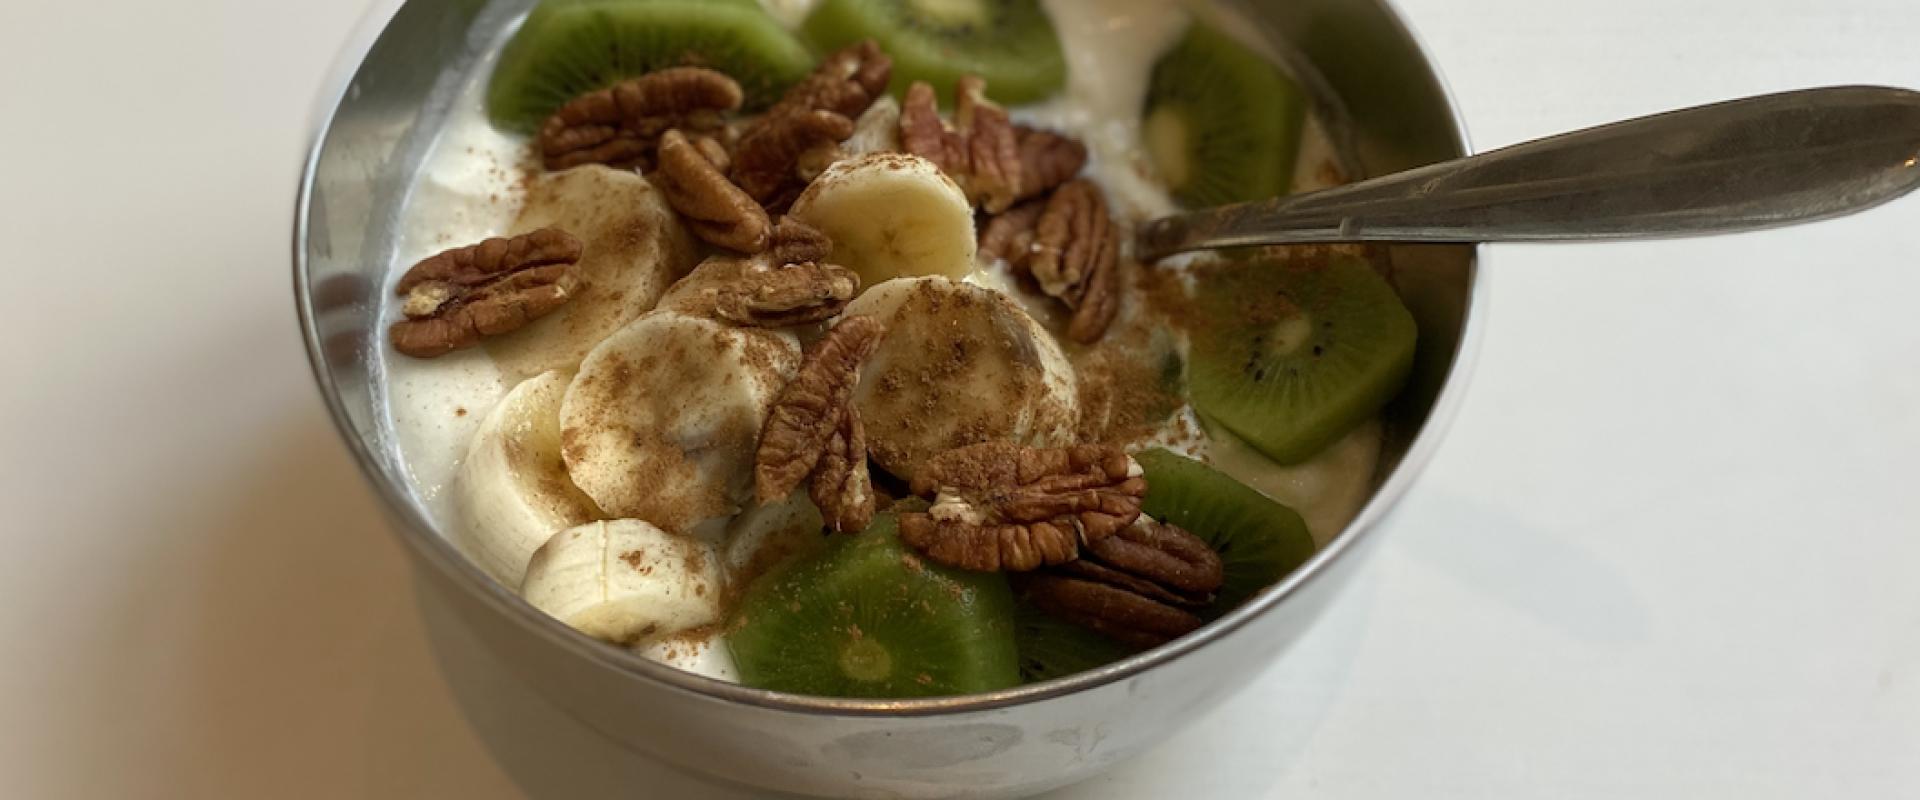 Drie voedingsadviezen voor in de avond die zorgen voor een energieke en productieve ochtend